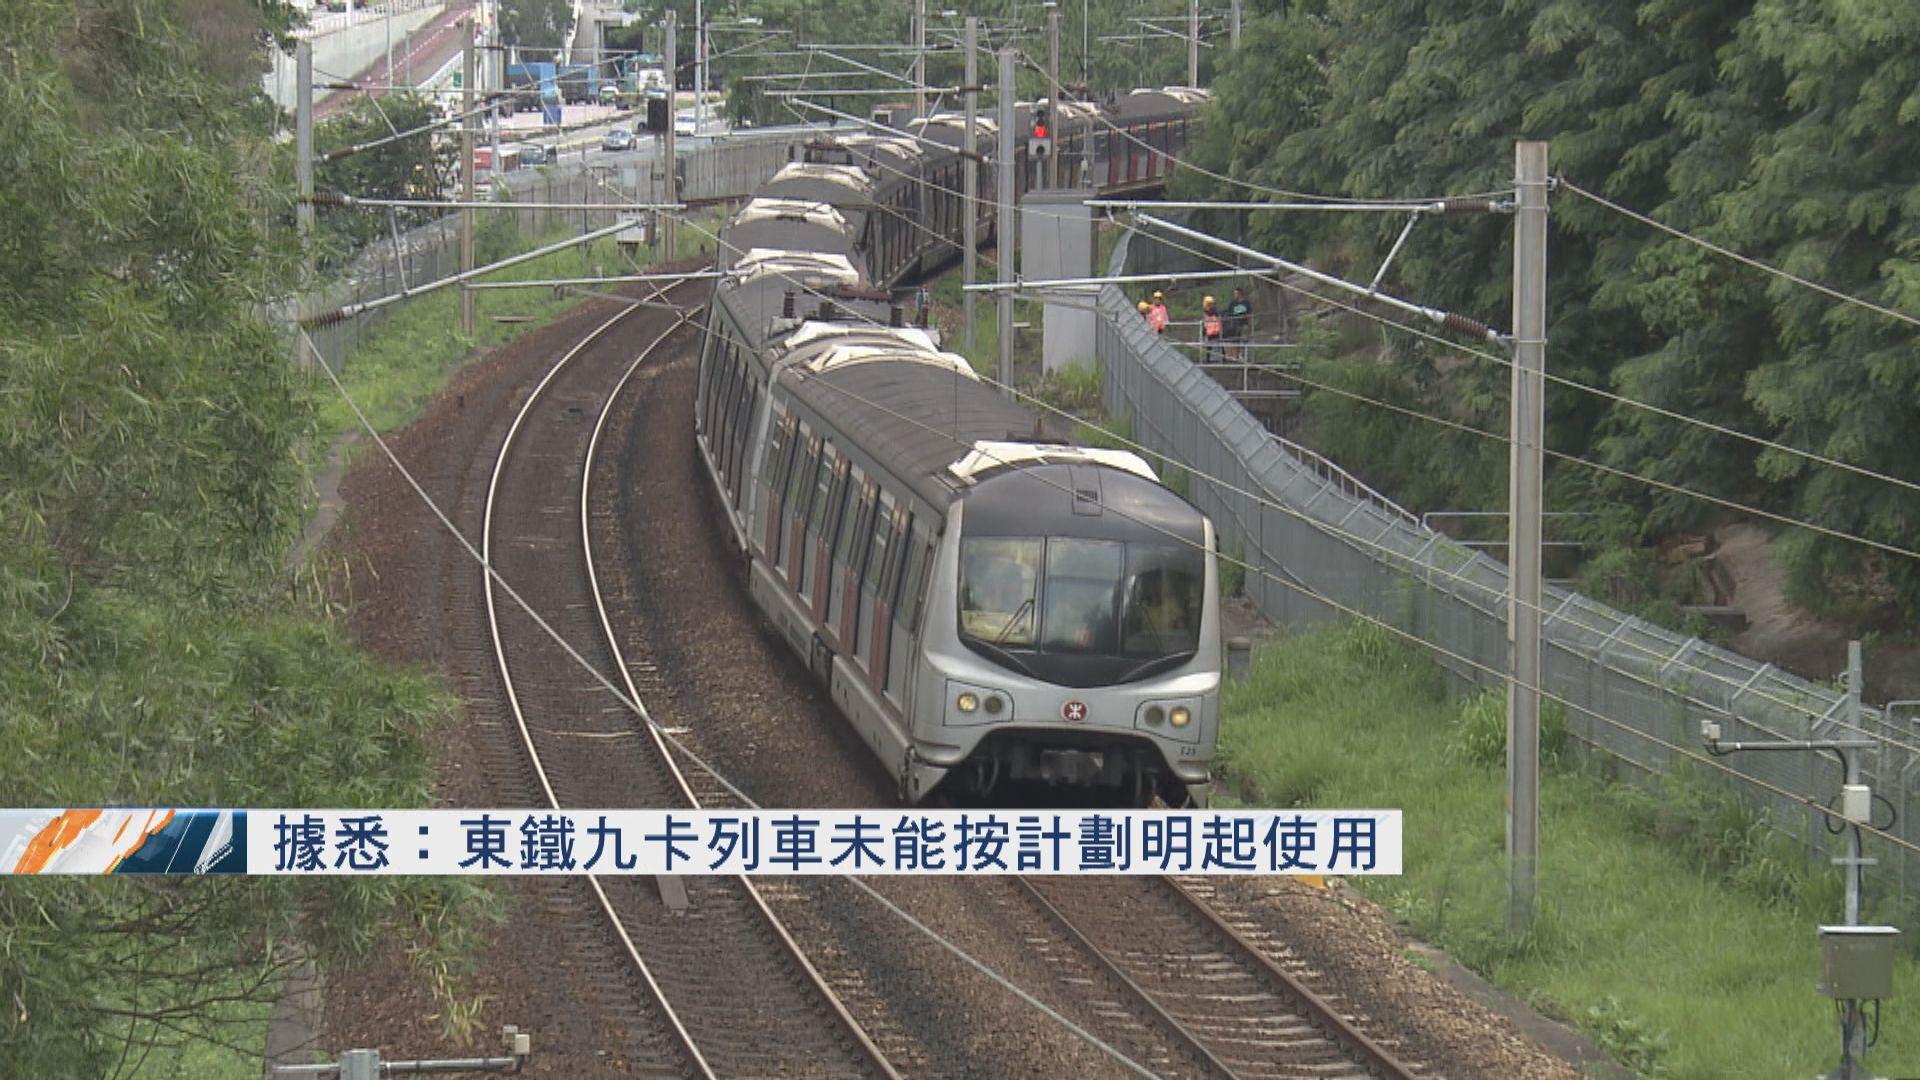 據悉東鐵九卡列車未能按計劃明起使用